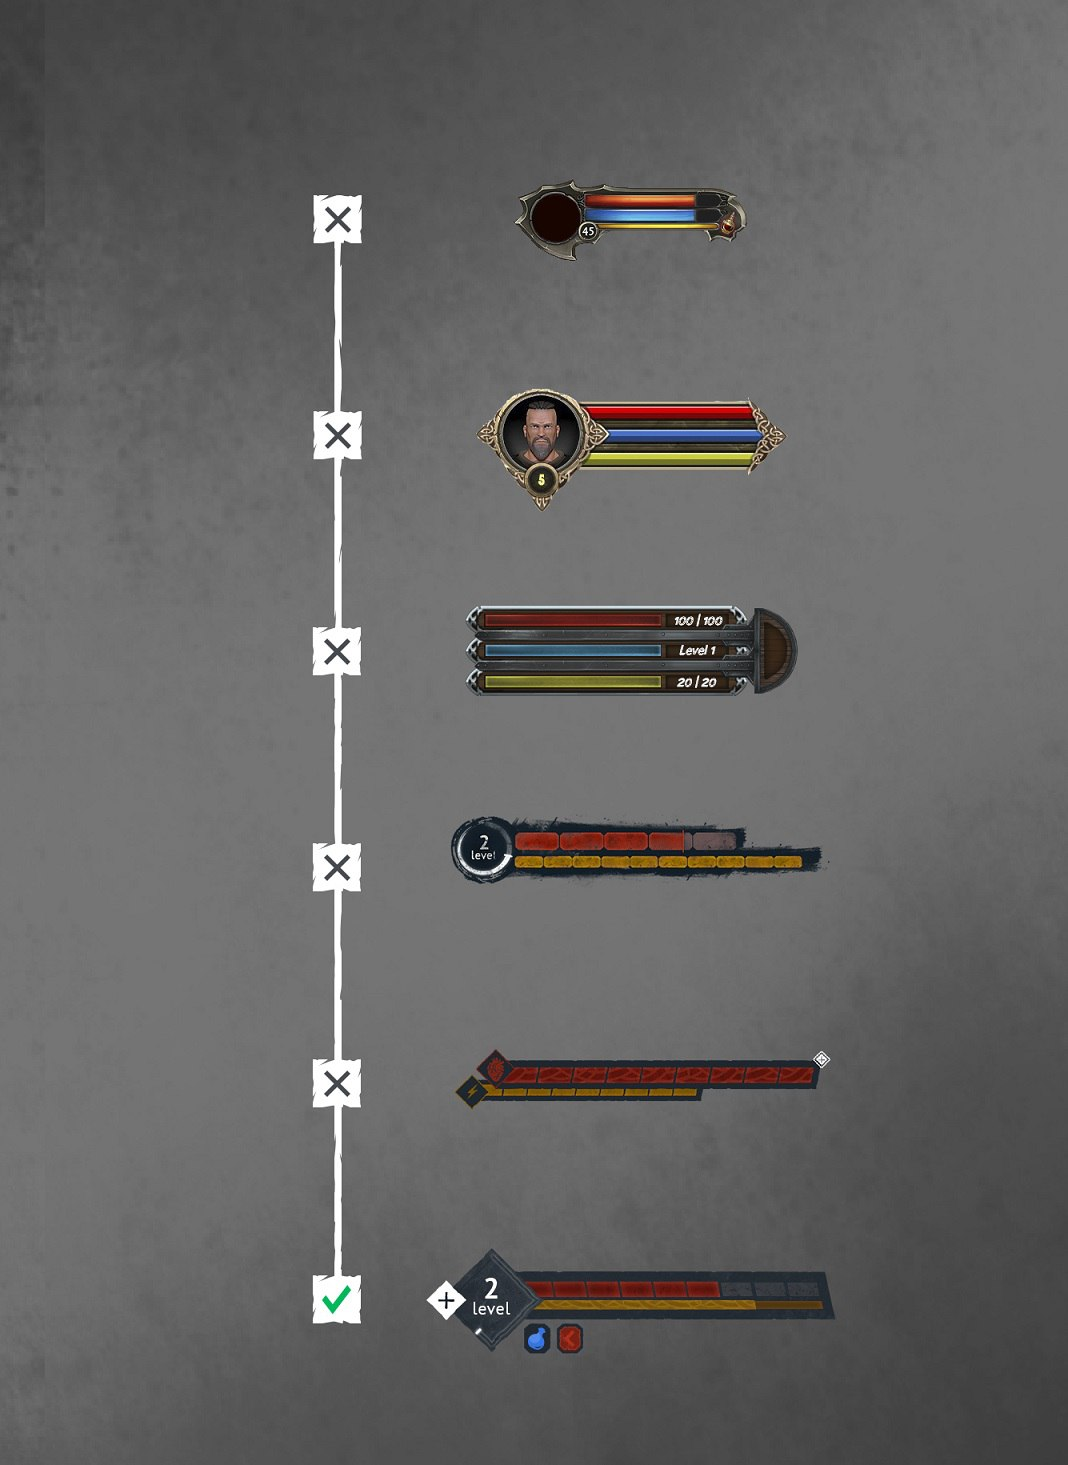 1 | A.S.H. - инди игра. Слешер/файтинг - платформер. Фэнтези.  Разработка